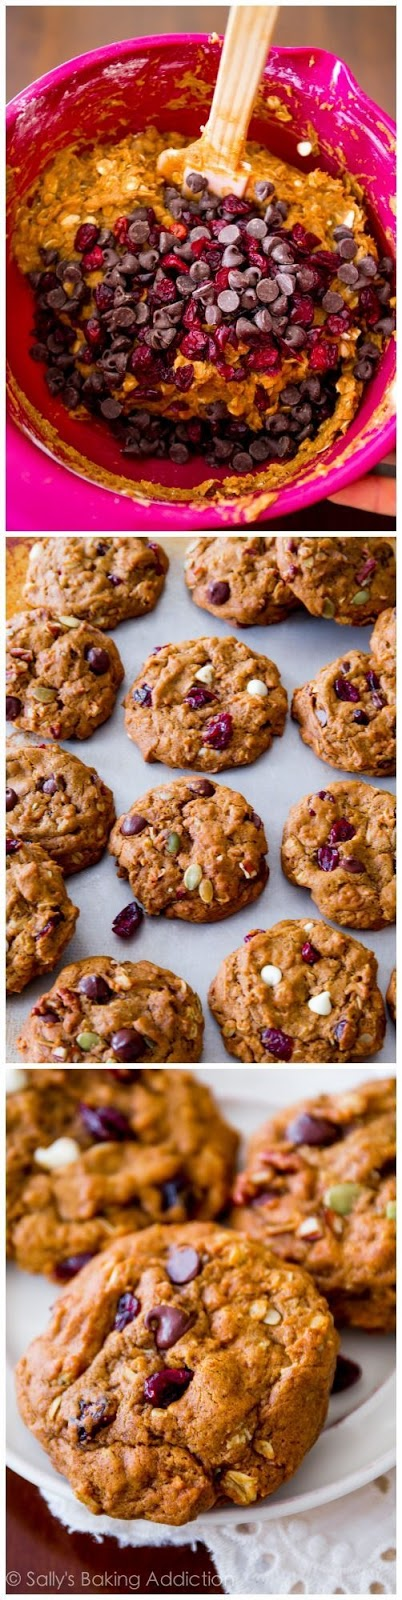 Soft-Baked Pumpkin Oatmeal Cookies